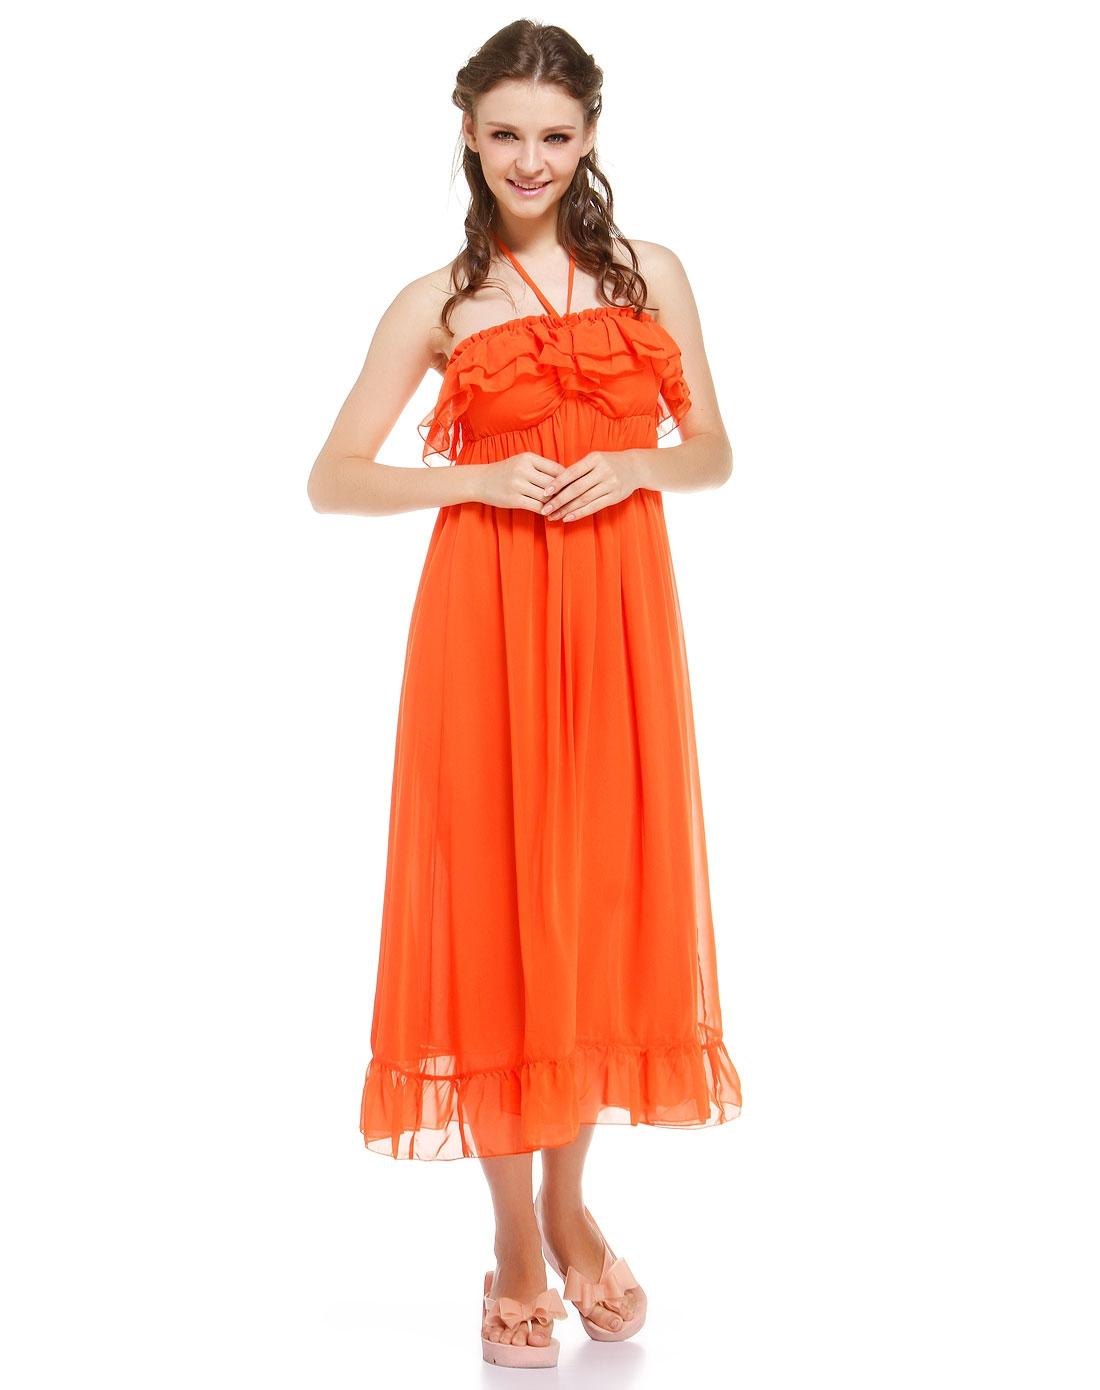 爱美丽imi's 橙色抹胸气质沙滩连衣裙